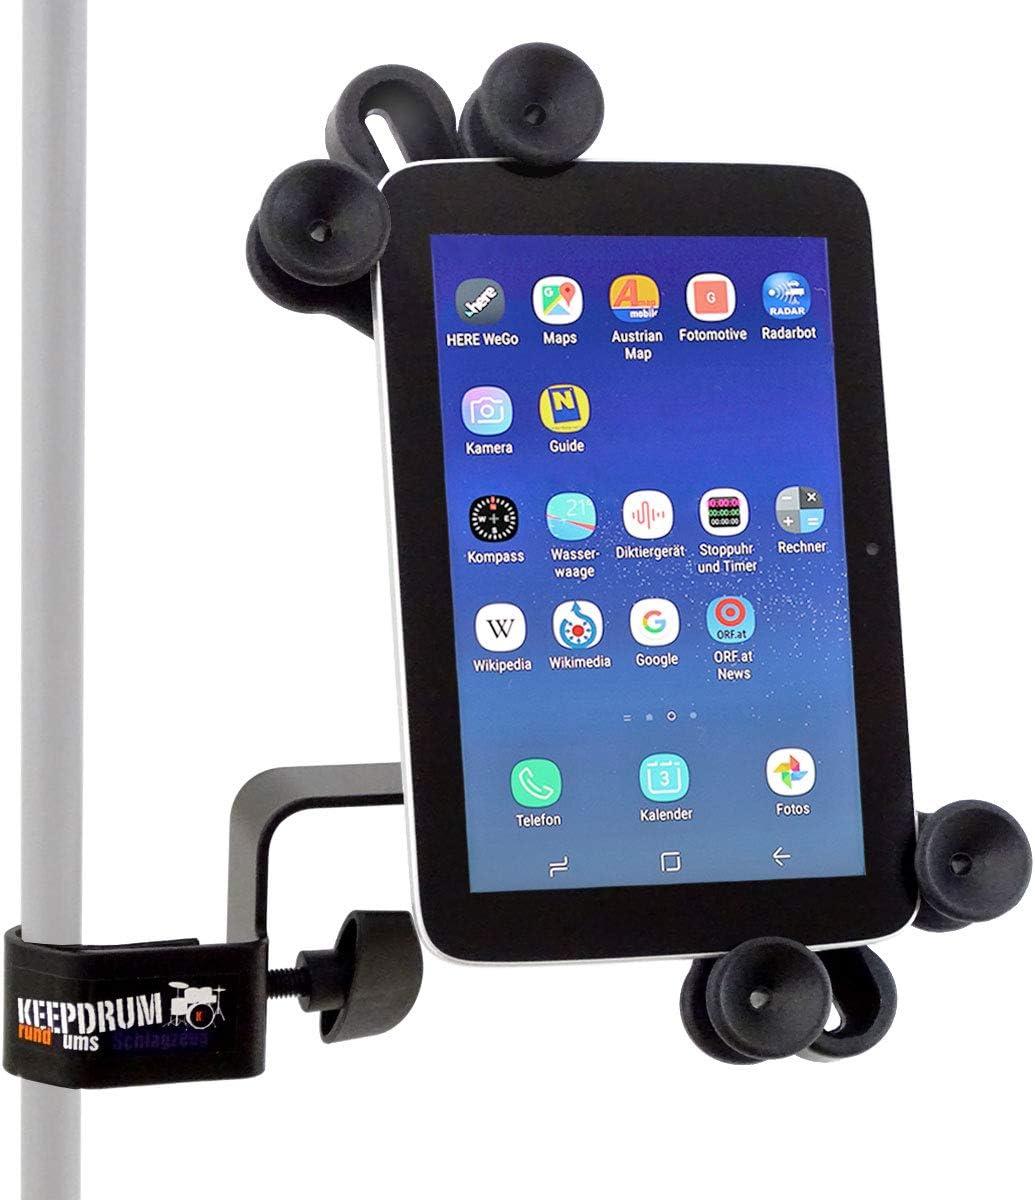 Keepdrum Variabler Tablet Pc Halter Halterung Für Alle Computer Zubehör